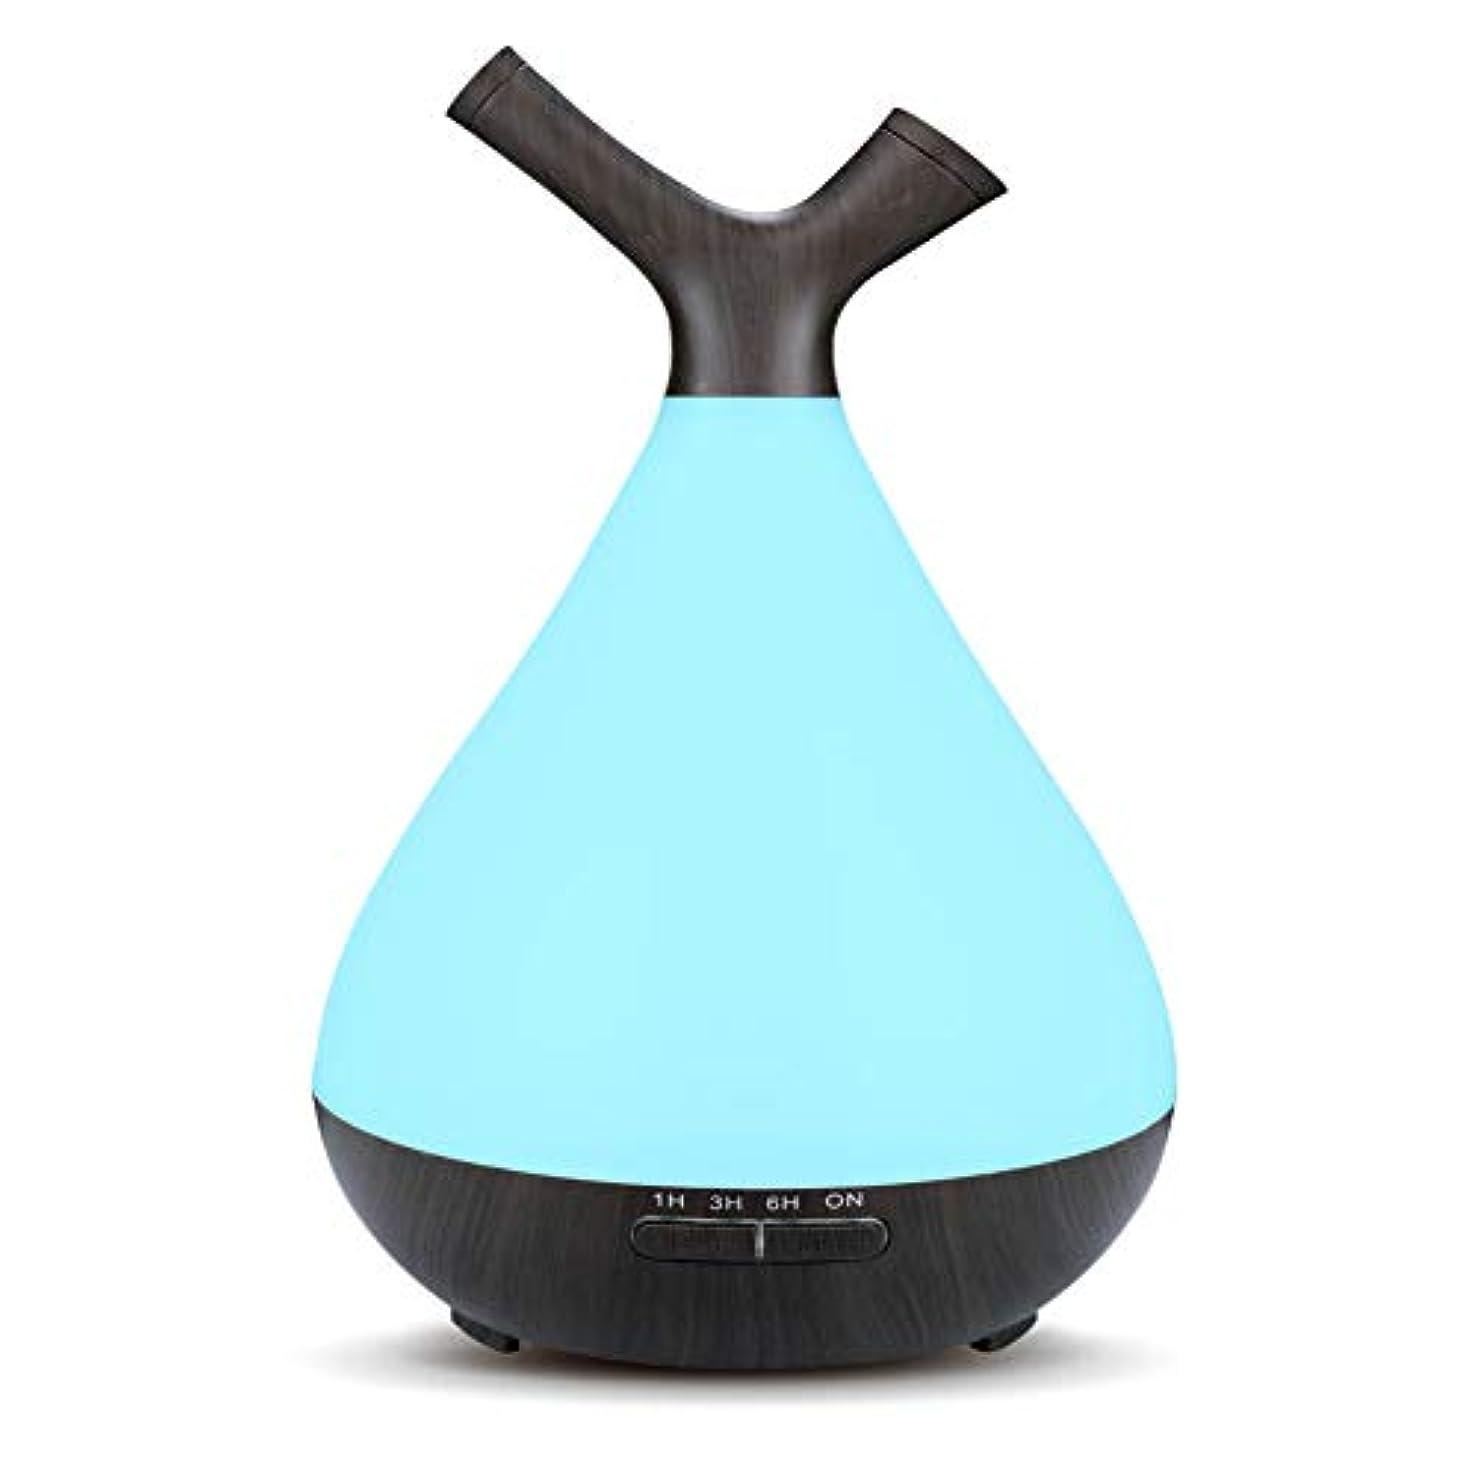 明日演劇長椅子木目 2 ノズル 7 色 加湿器,涼しい霧 時間 加湿機 調整可能 香り 精油 ディフューザー 空気を浄化 オフィス ベッド- 400ml